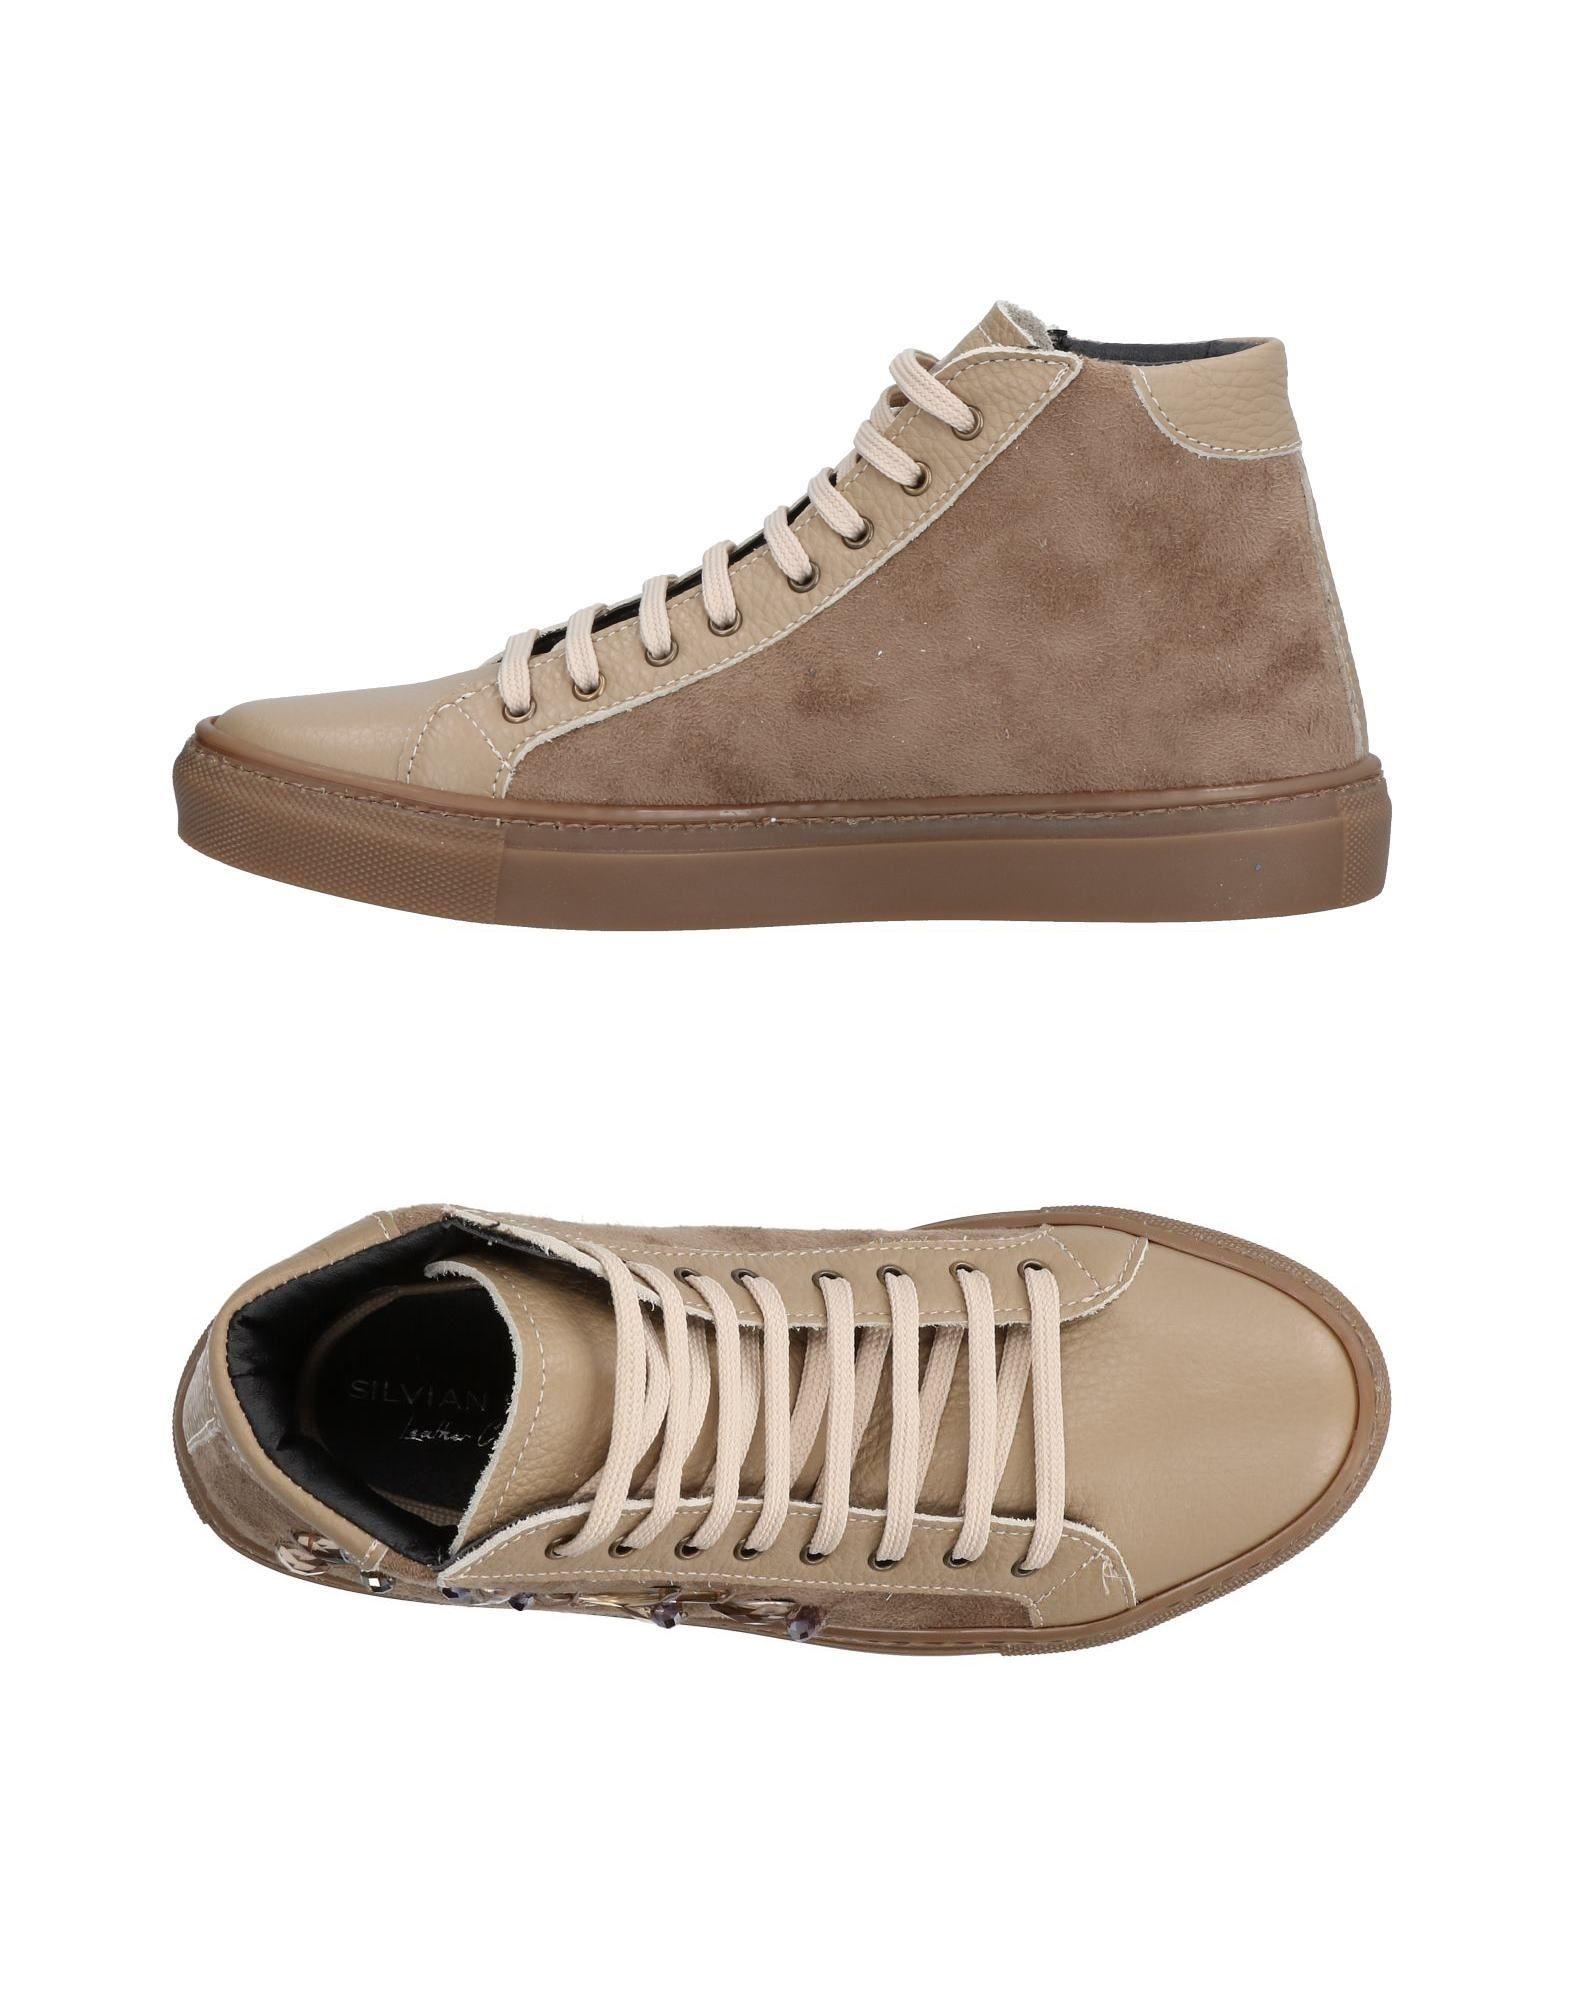 Silvian Heach Sneakers - Women on Silvian Heach Sneakers online on Women  Canada - 11475159KL 8d6247